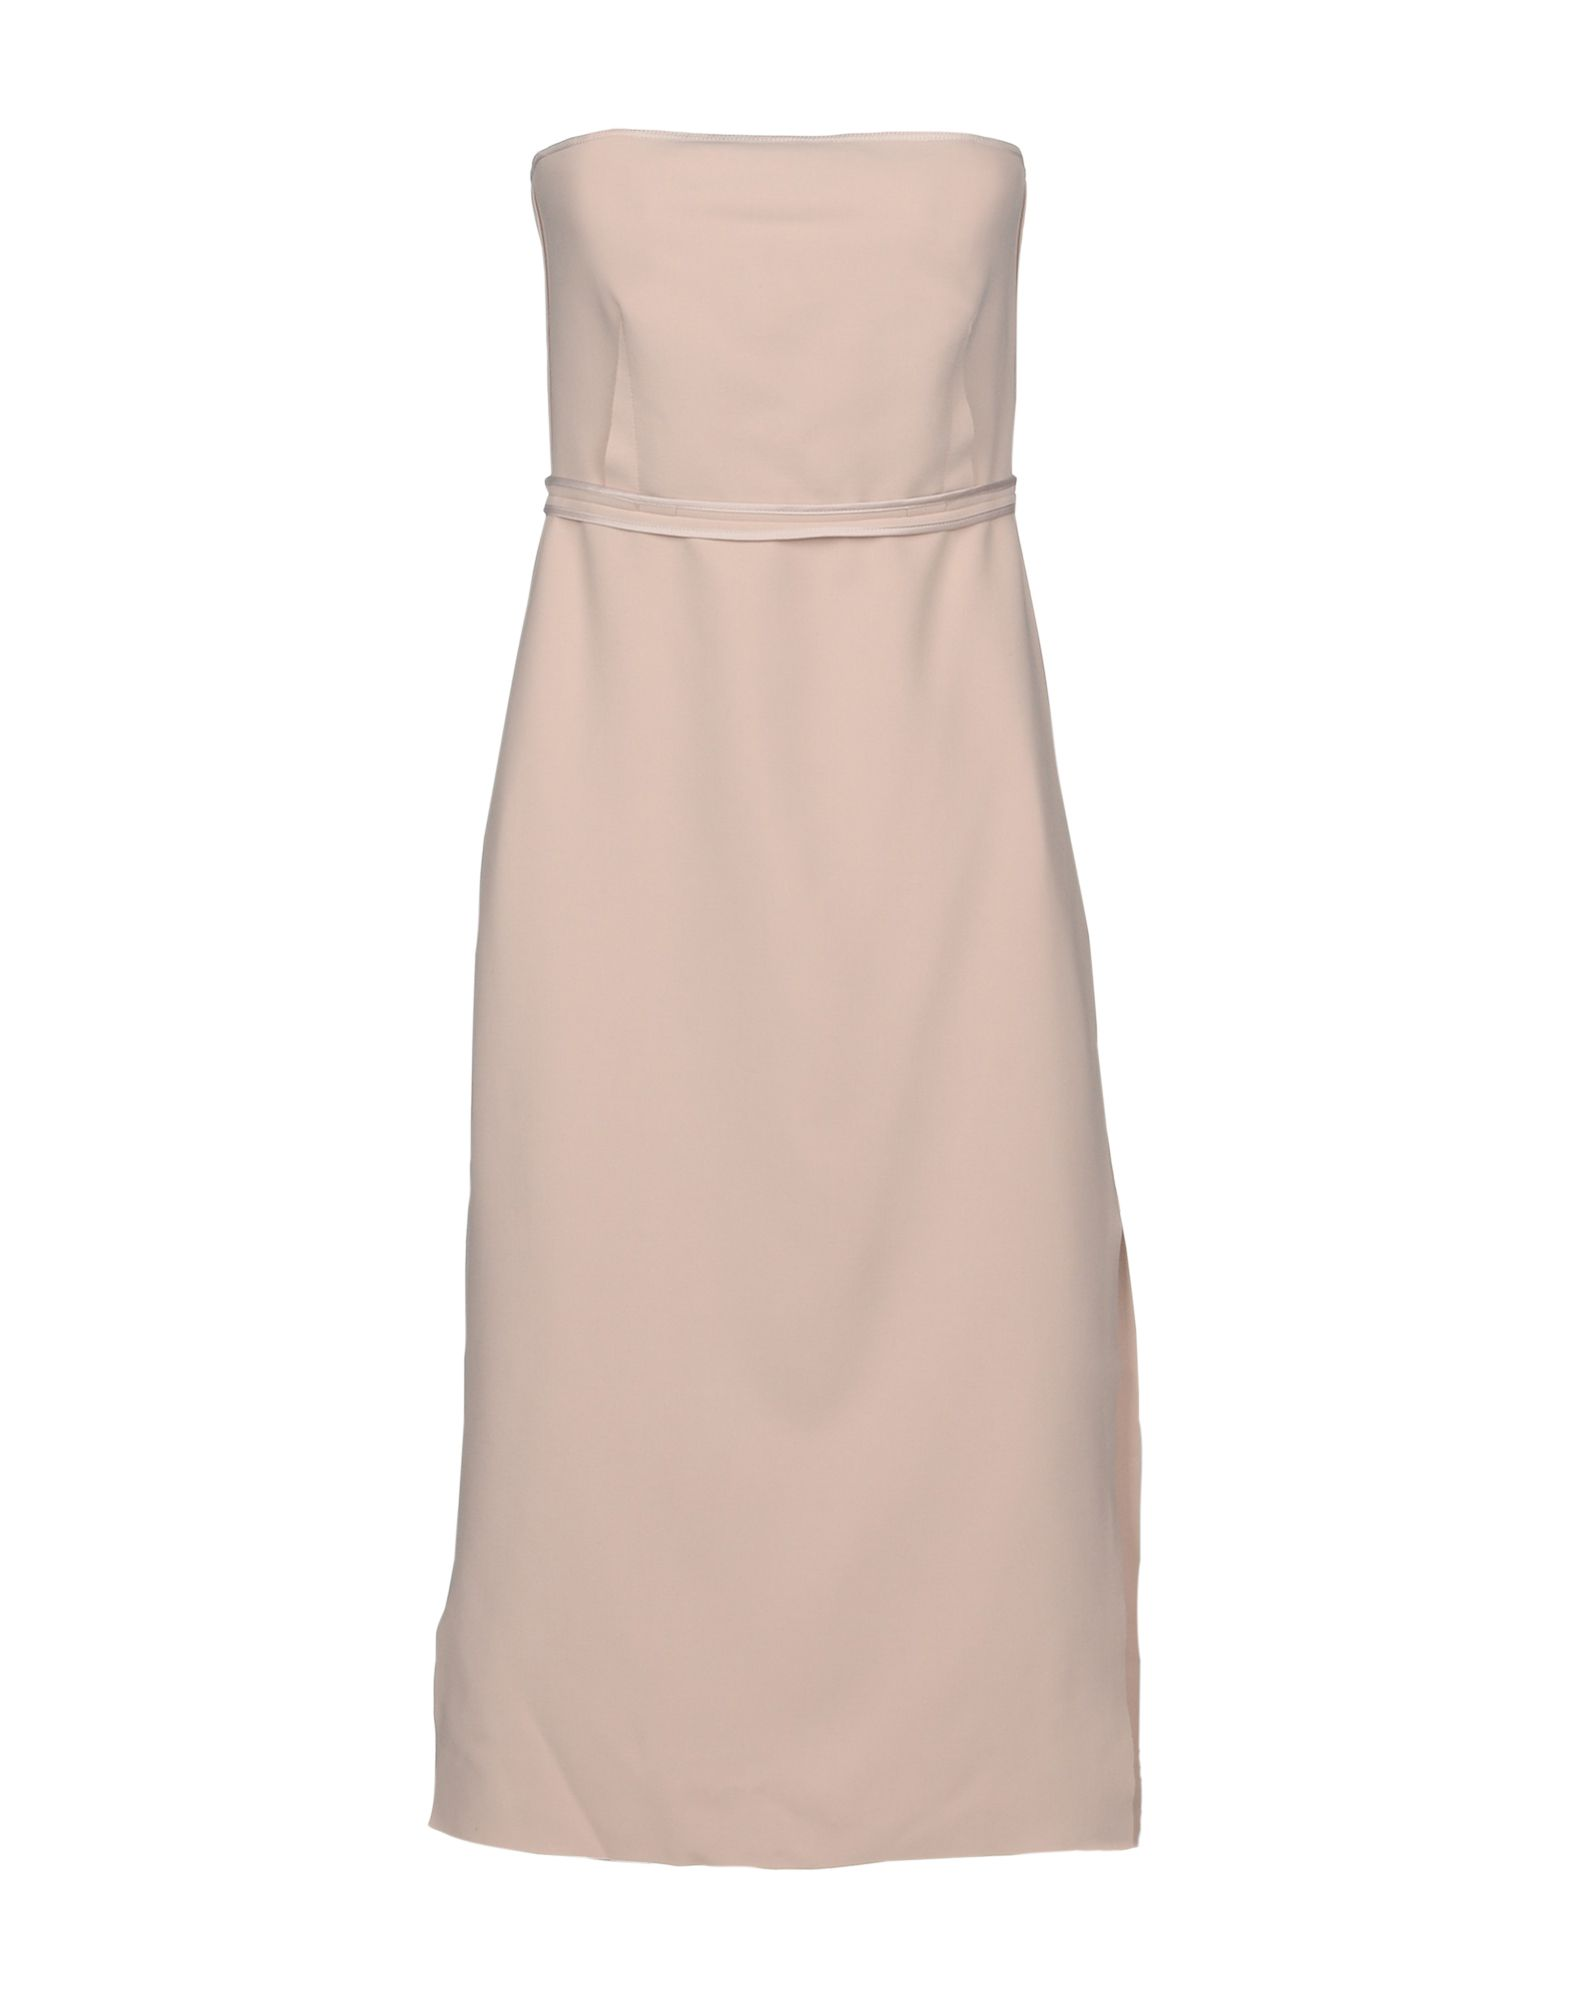 51bb3b954ce0 ELIZABETH AND JAMES - Yoox - Γυναικεία Φορέματα   Outfit.gr